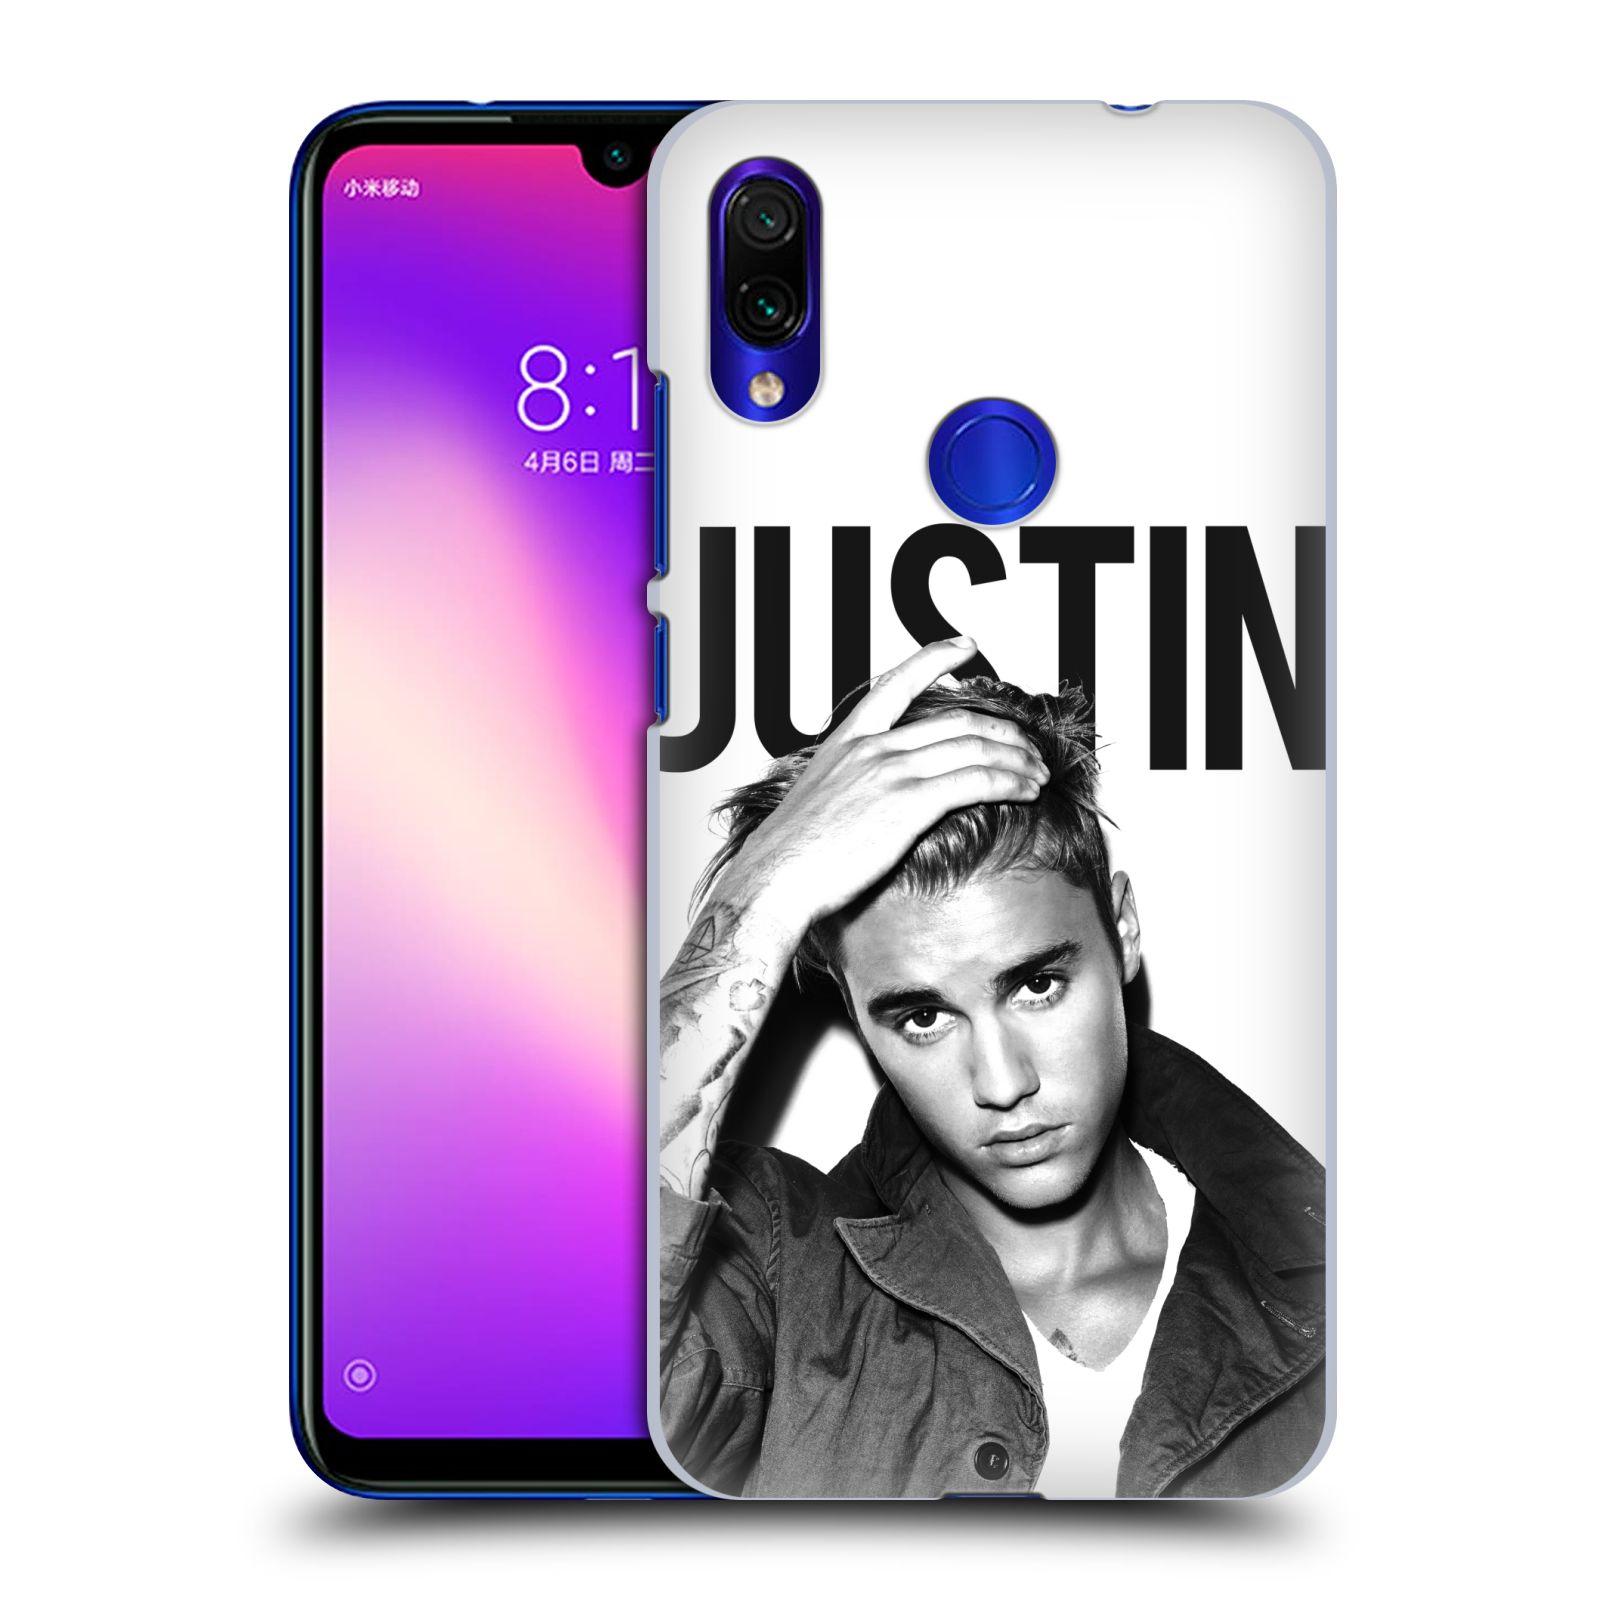 Plastové pouzdro na mobil Xiaomi Redmi Note 7 - Head Case - Justin Bieber Official - Póza